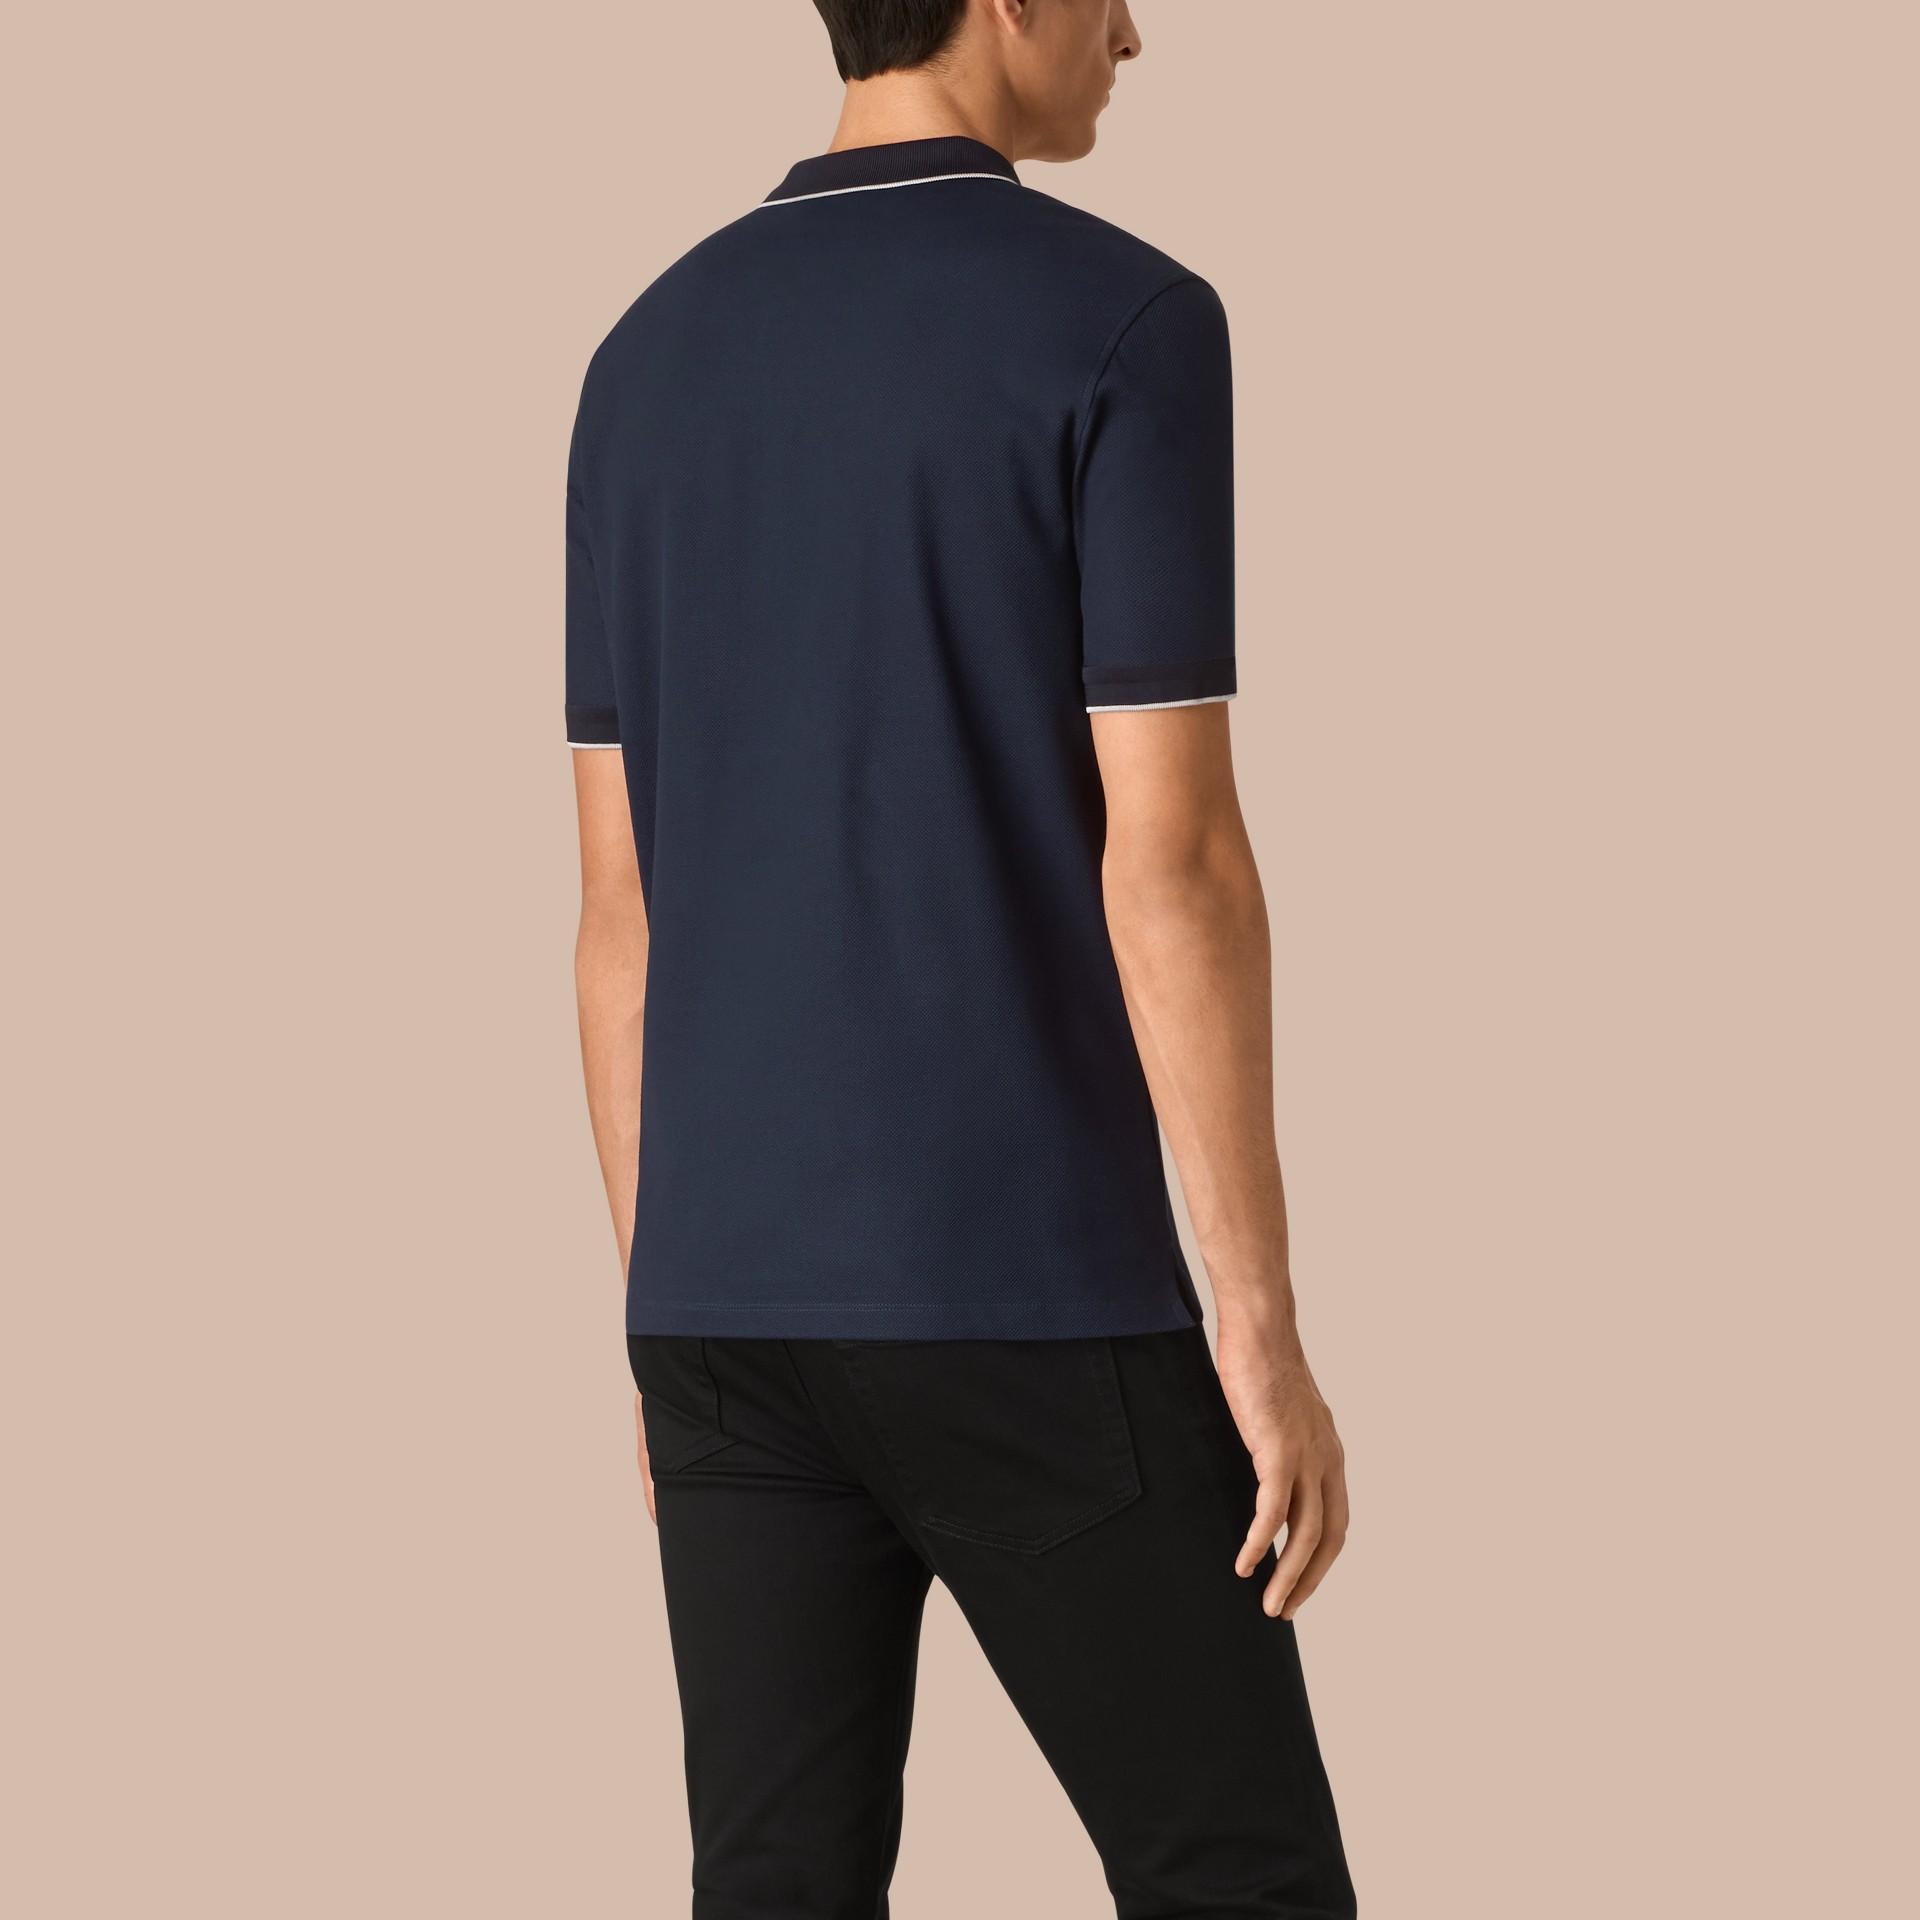 Marineblau/grau Poloshirt mit Kontraststreifen aus Baumwollpiqué Marineblau/grau - Galerie-Bild 2